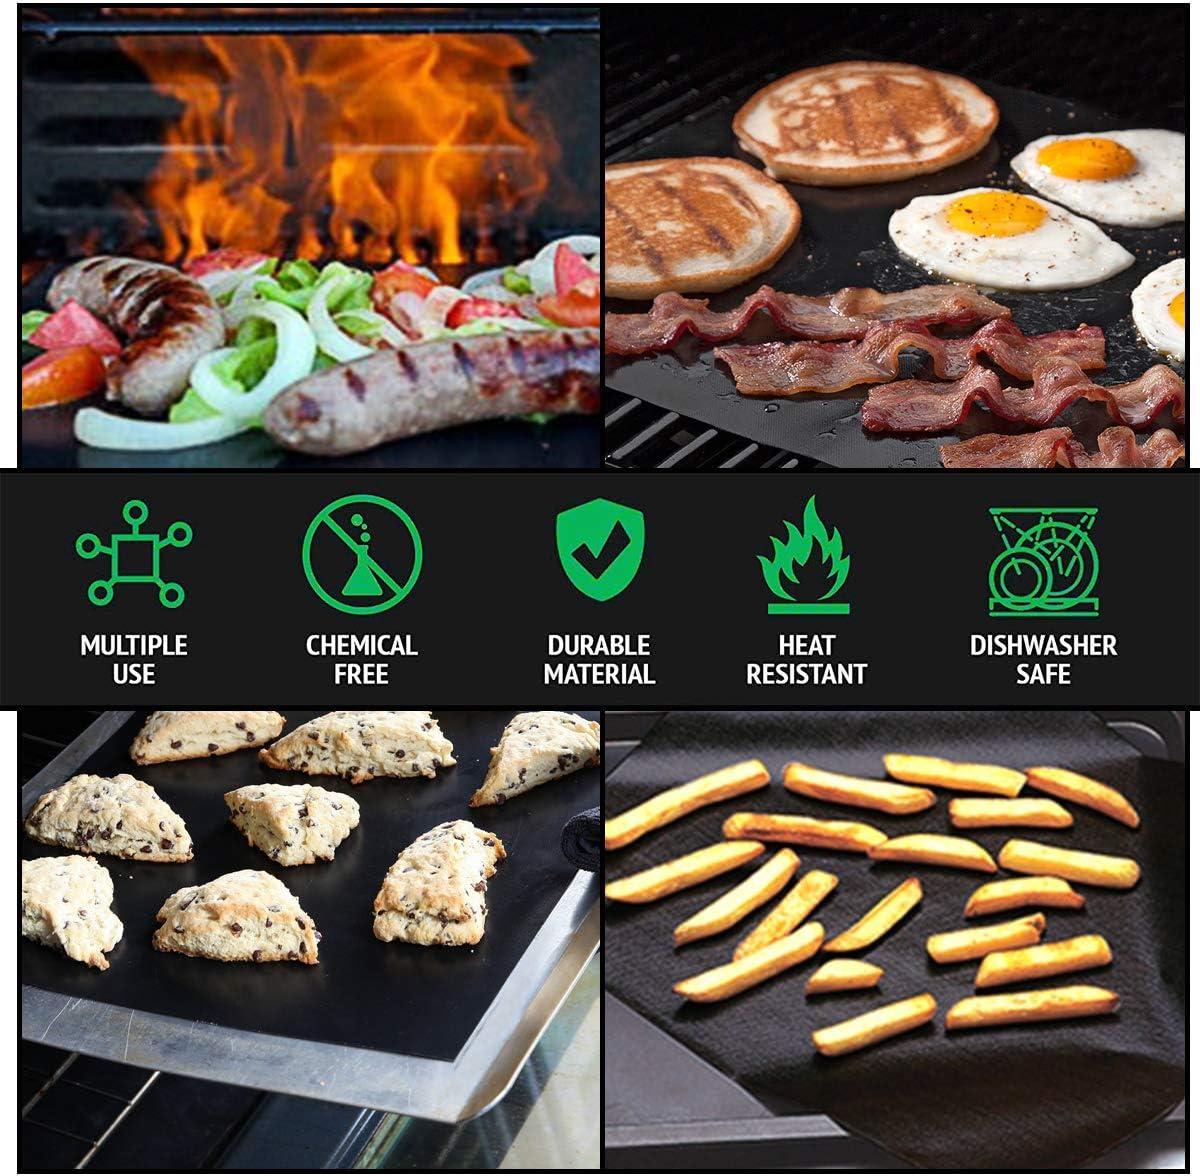 FDA Zugelassen PFOA Frei flintronic BBQ Grillmatte Grillmatten f/ür Gasgrill Grillzange Grillen und Backen Wiederverwendbar 100/% Antihaft Grill-und Backmatte 1 Silikonb/ürste inklusive